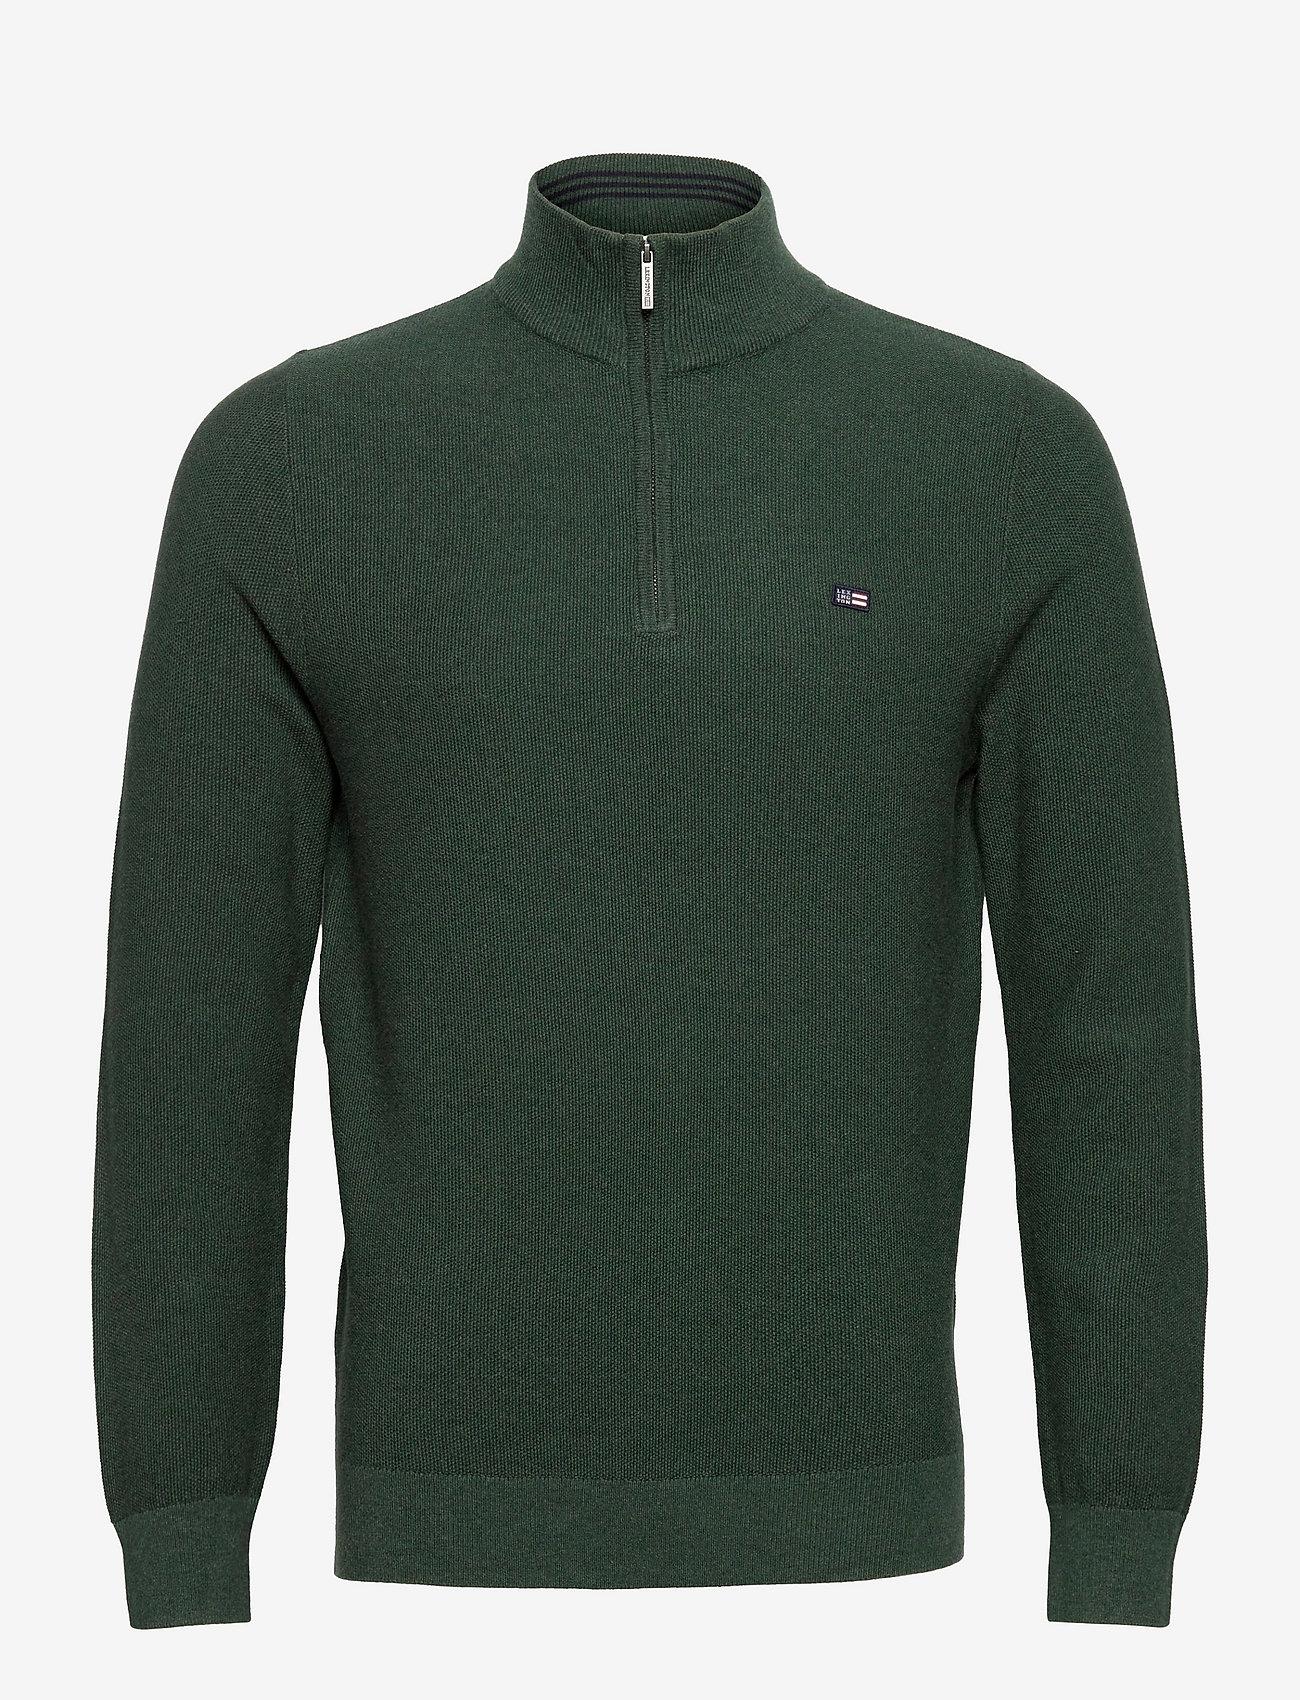 Lexington Clothing - Clay Organic Cotton Half Zip Sweater - truien met halve rits - green melange - 1